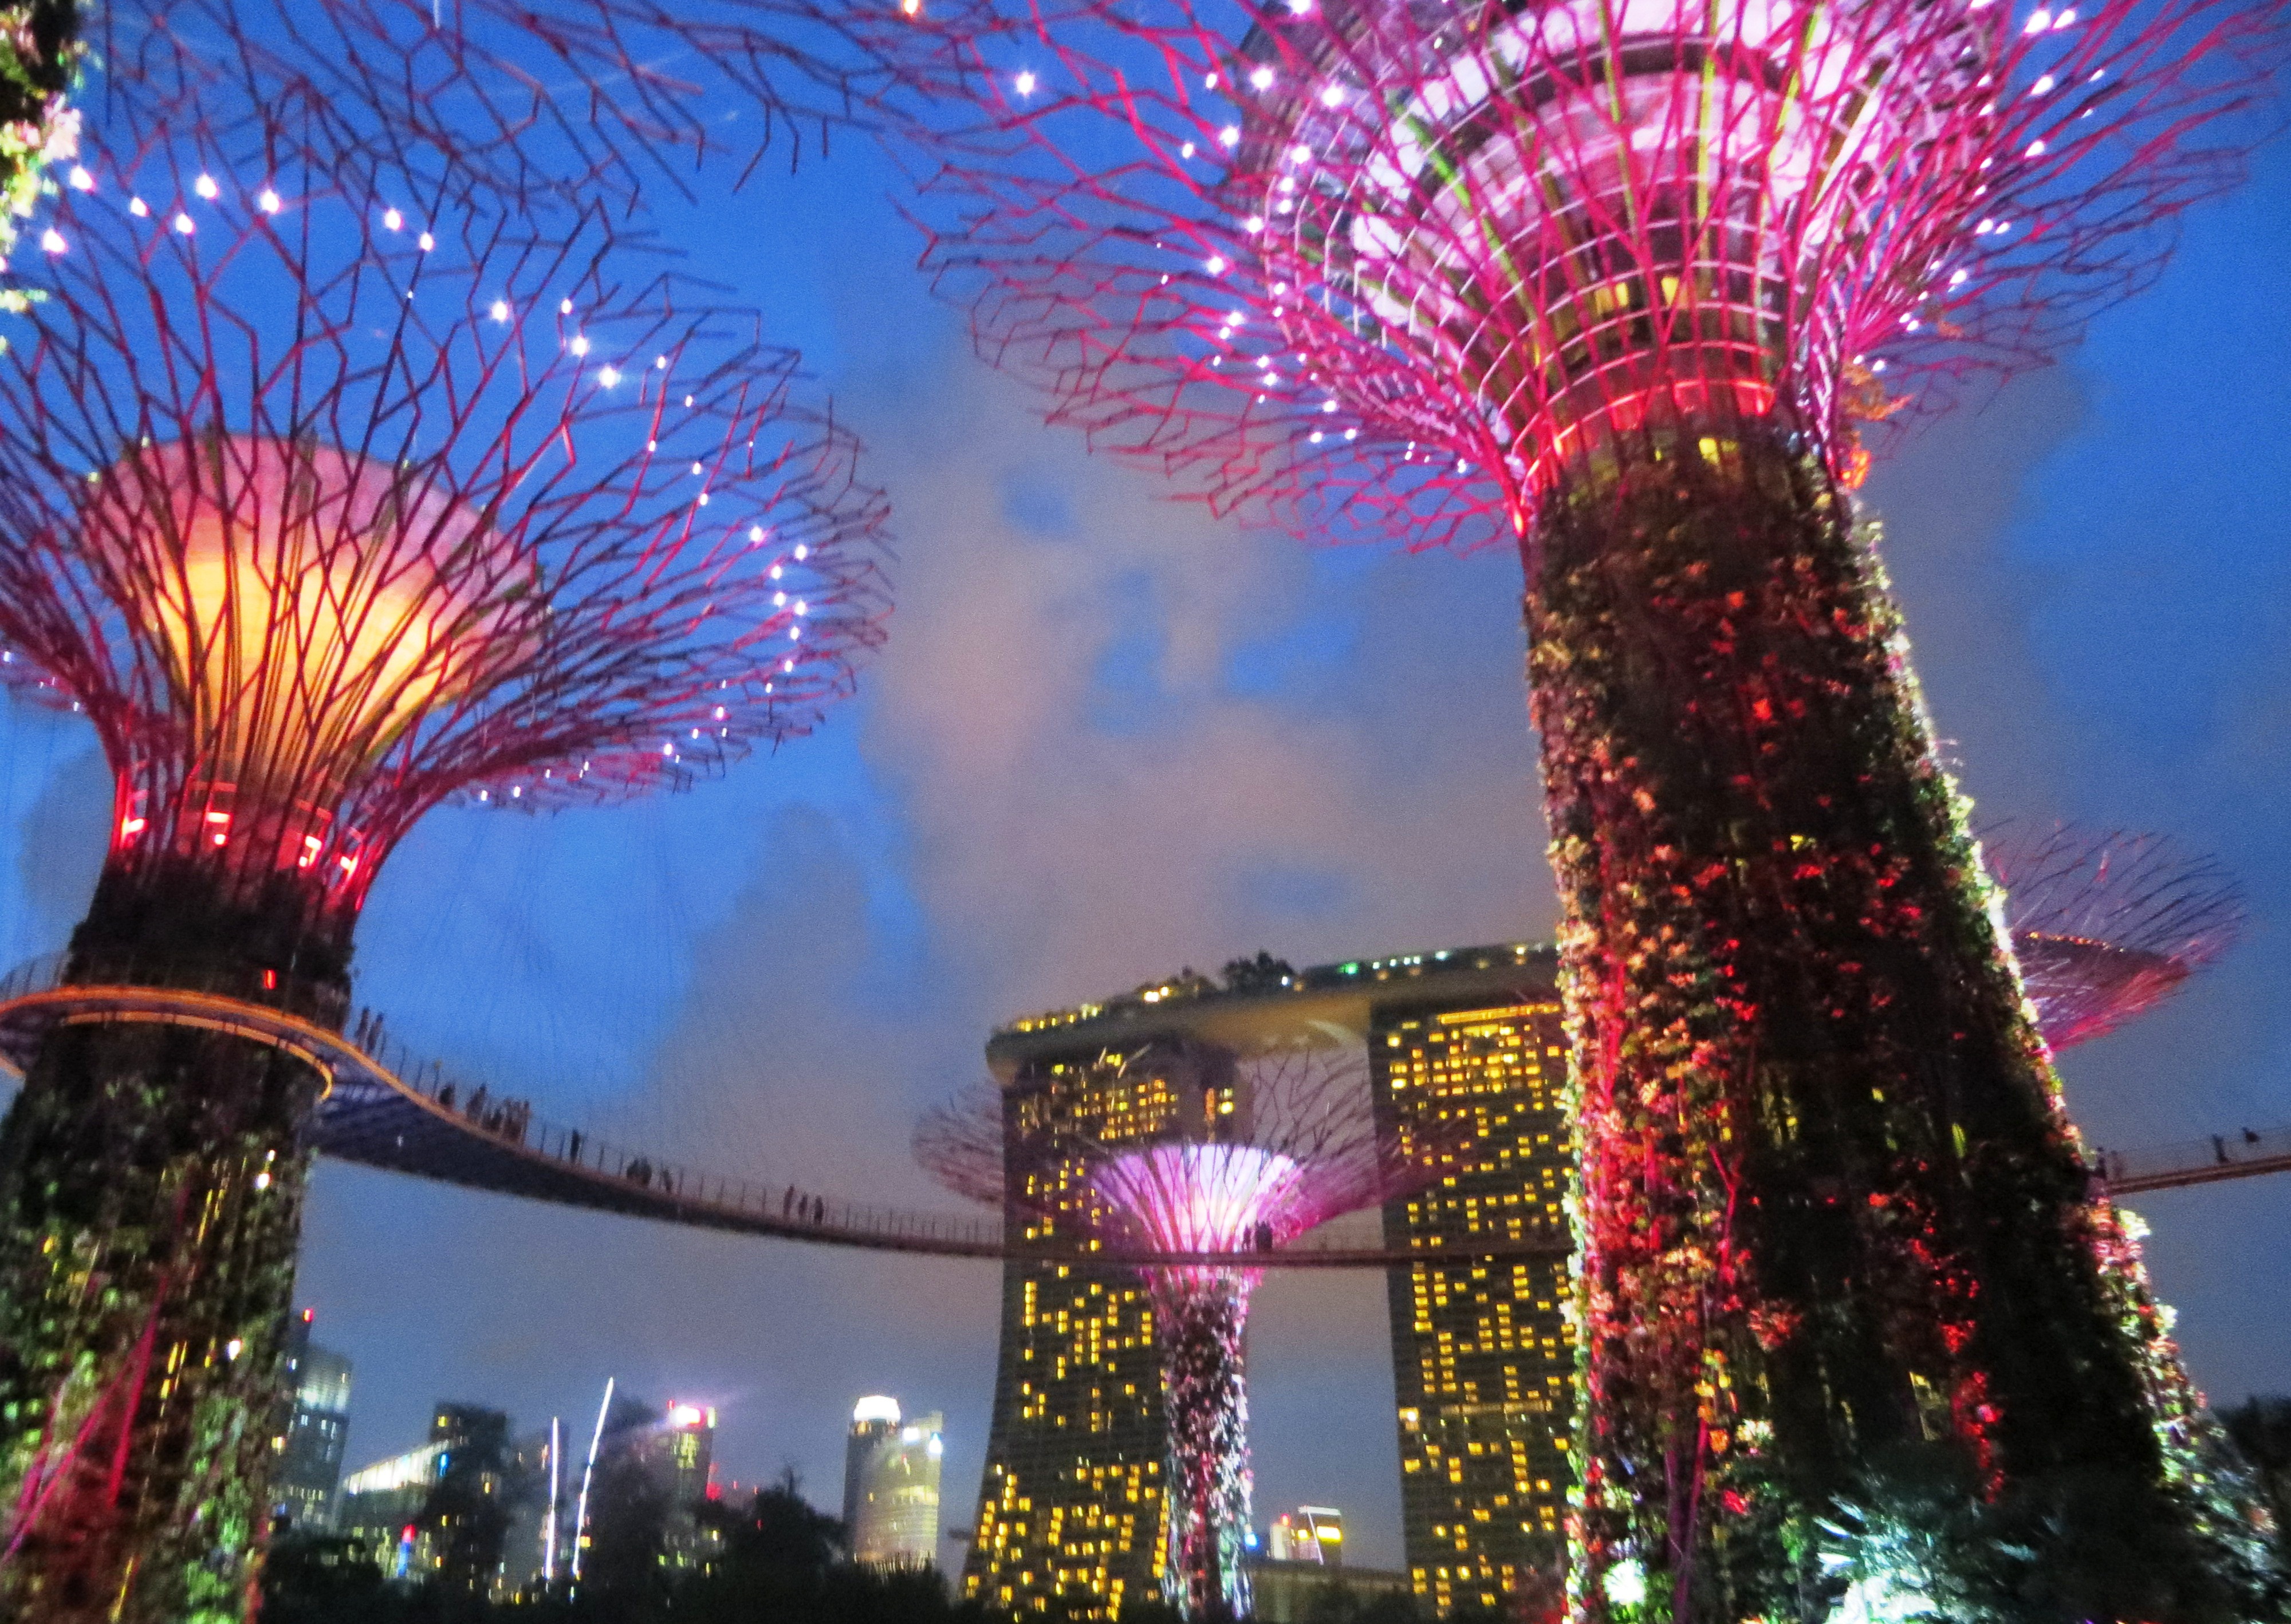 randki singapurskie pomysły największy serwis randkowy w Wielkiej Brytanii